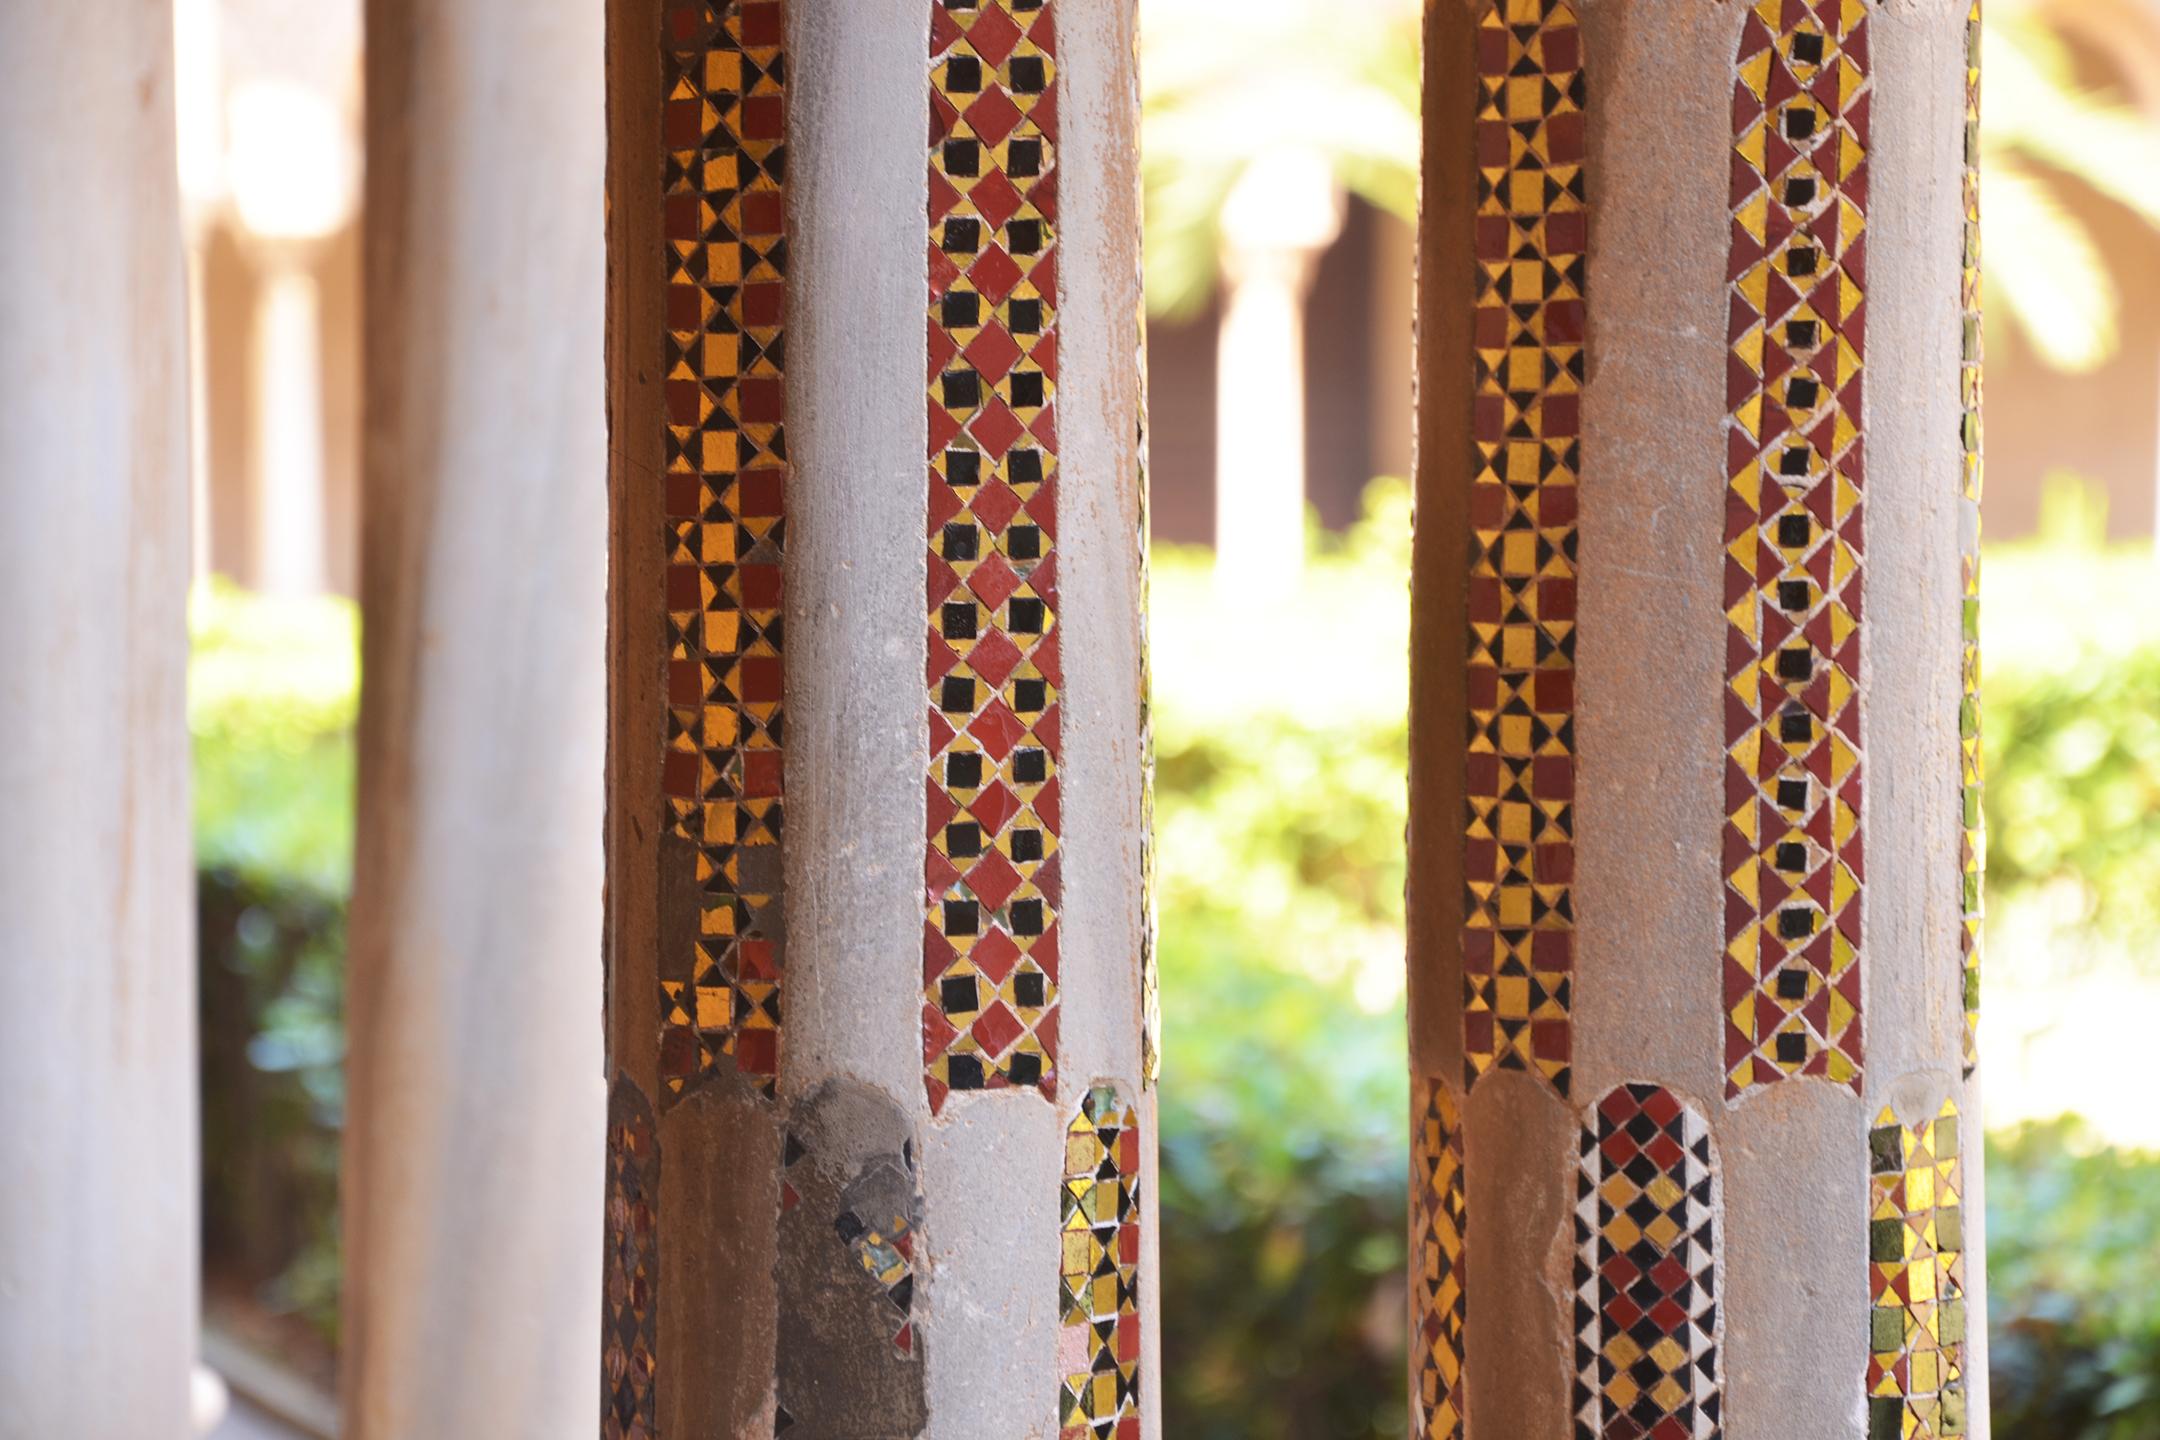 alessia-canella-sicilia-monreale-cattedrale-colonne-mosaico